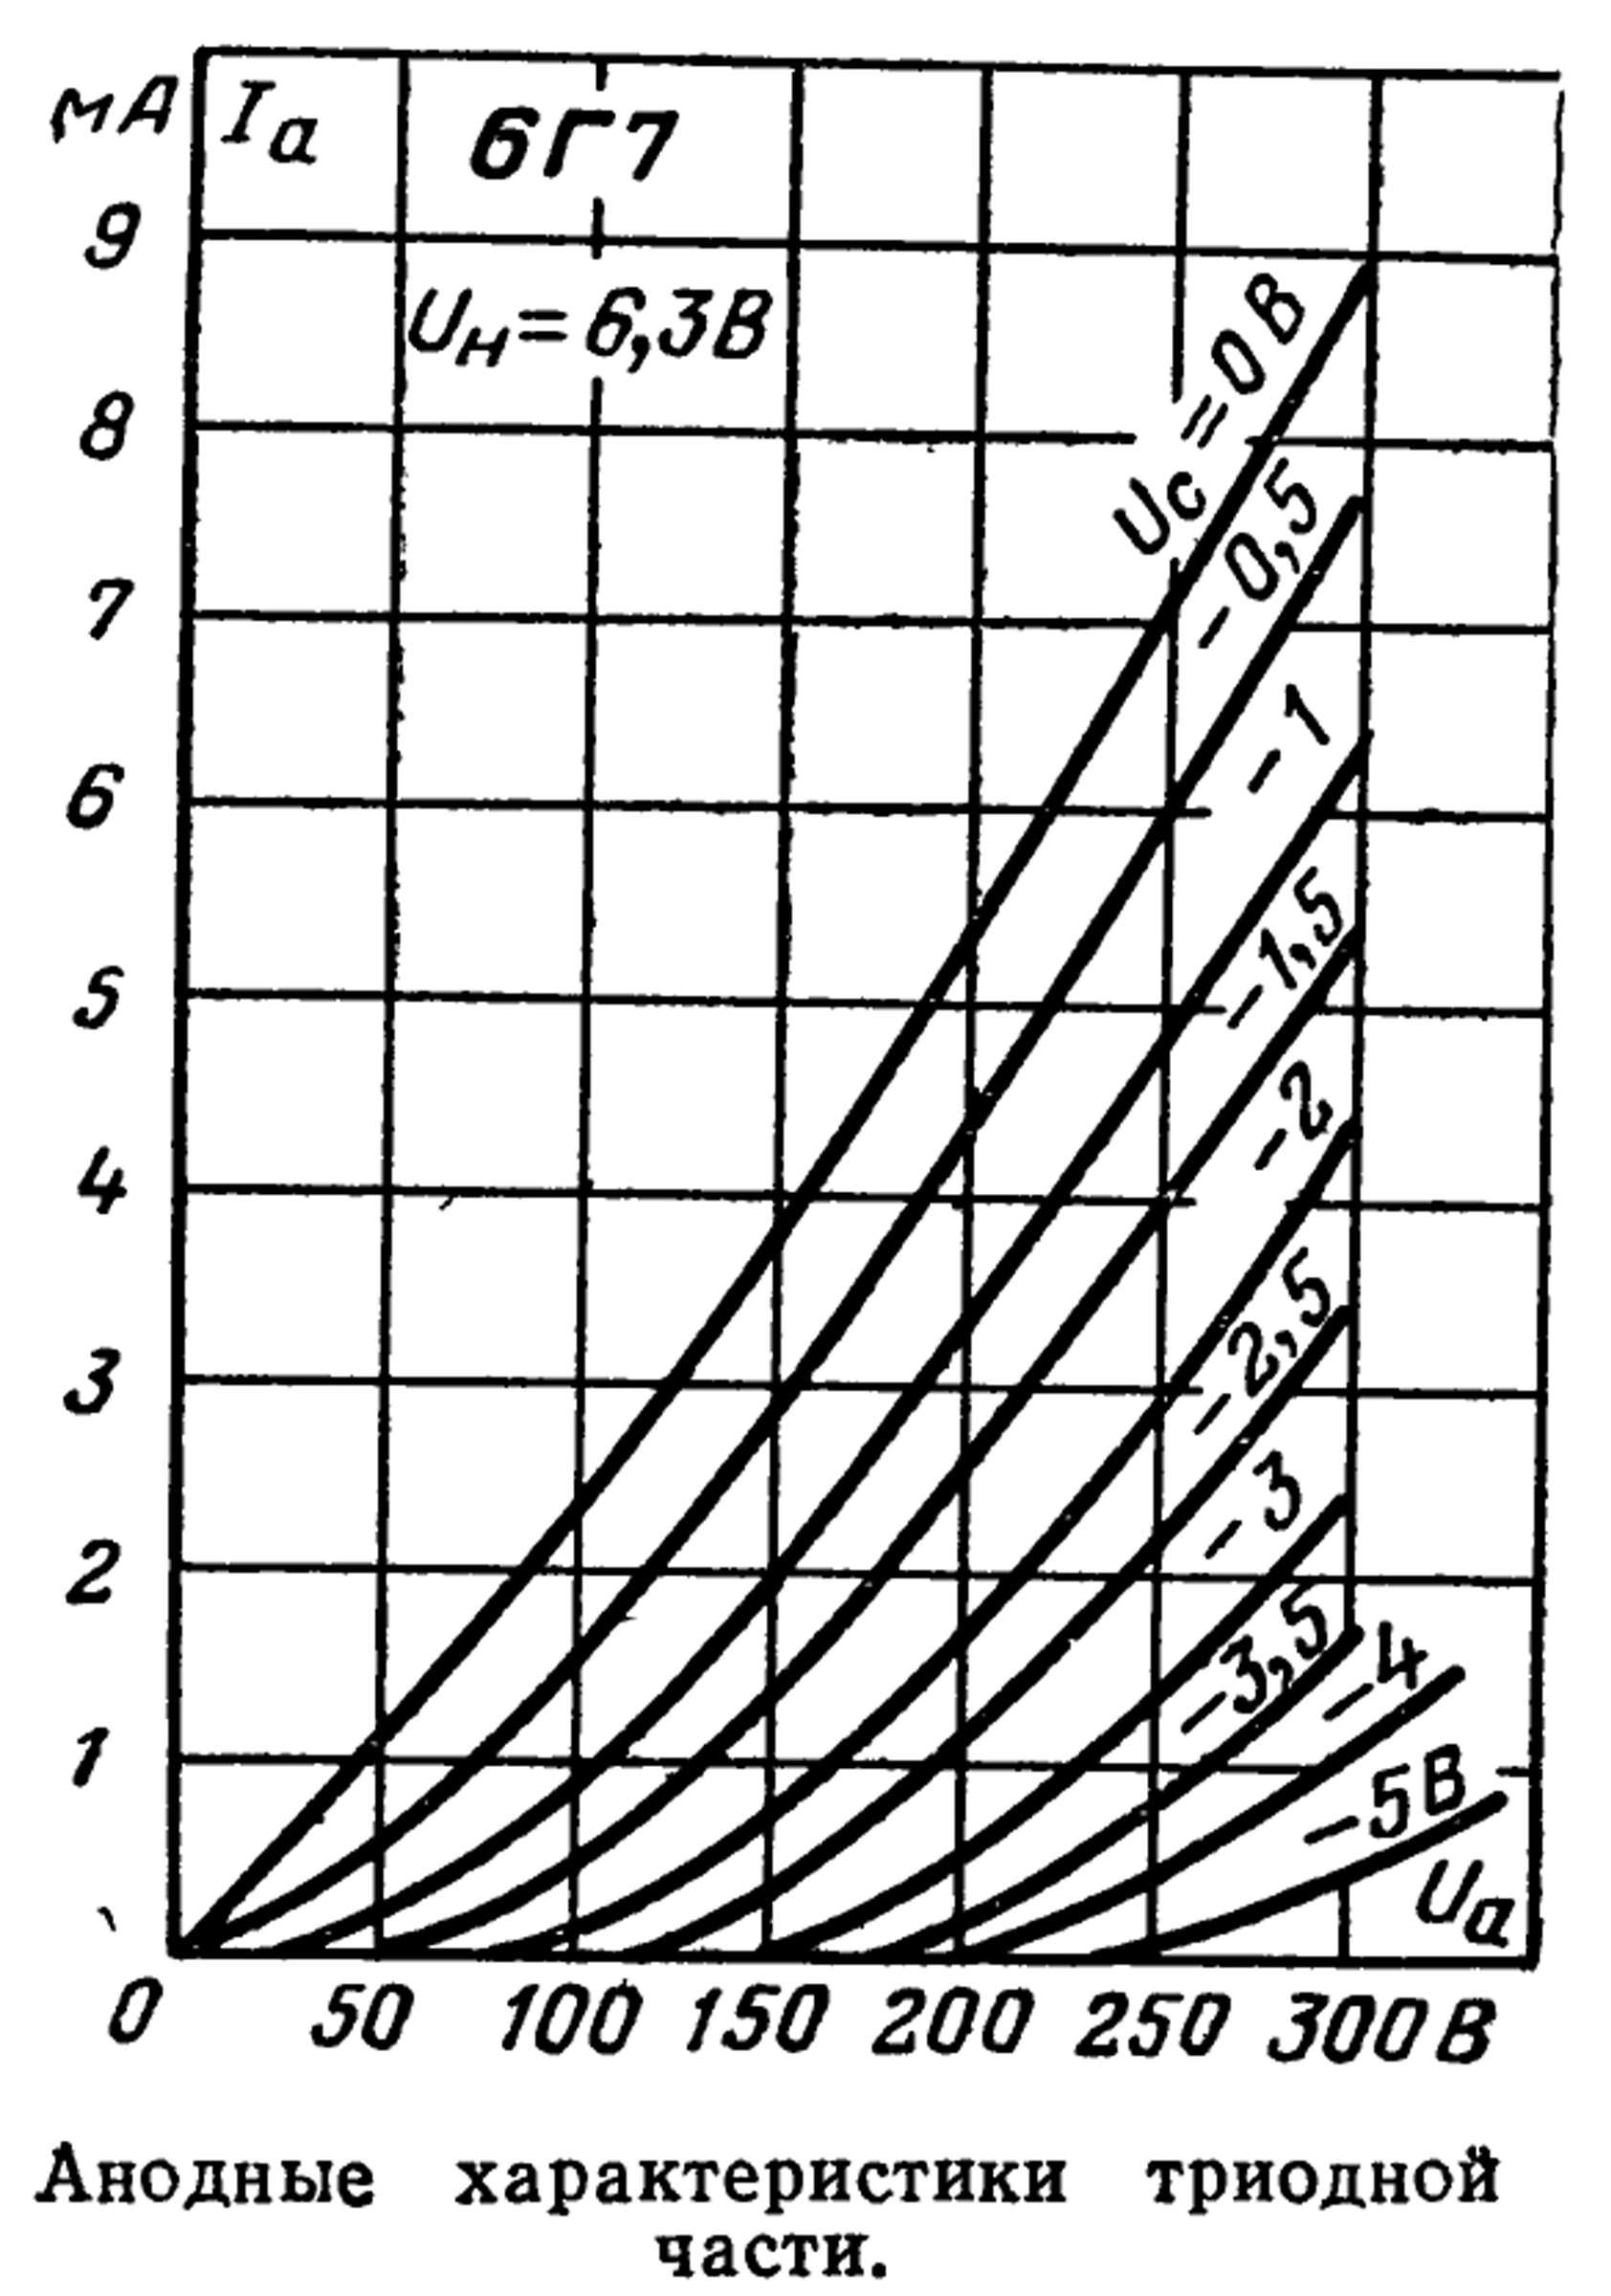 Параметры радиолампы 6Г7